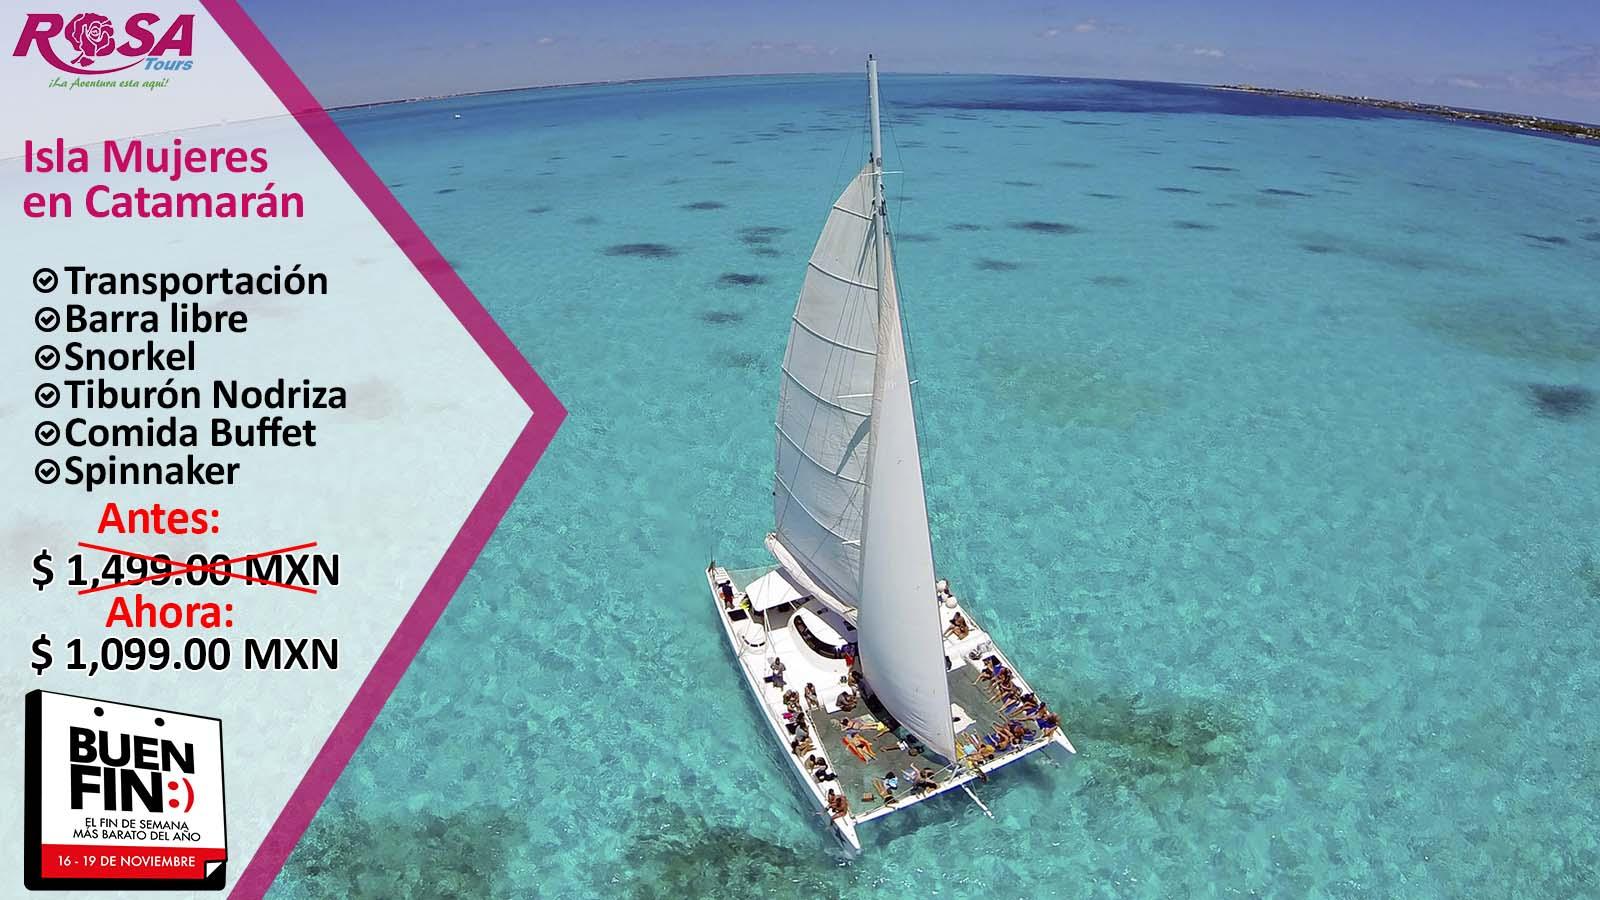 Isla Mujeres en Catamarán desde Playa del Carmen y Riviera maya&IN